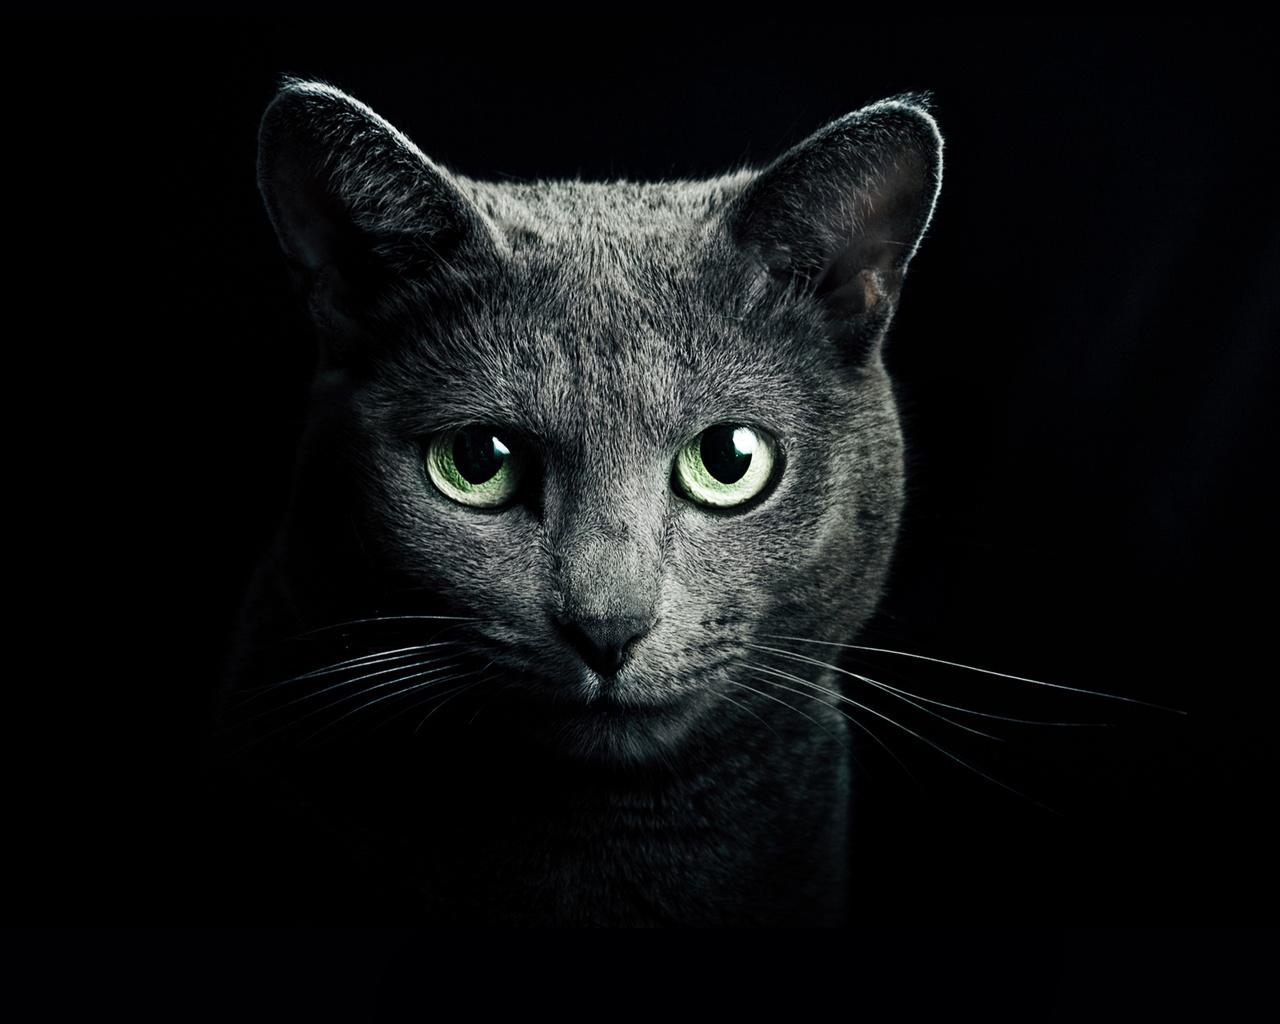 壁纸 黑猫,绿眼睛,黑色的背景 2560x1920 HD 高清壁纸, 图片, 照片